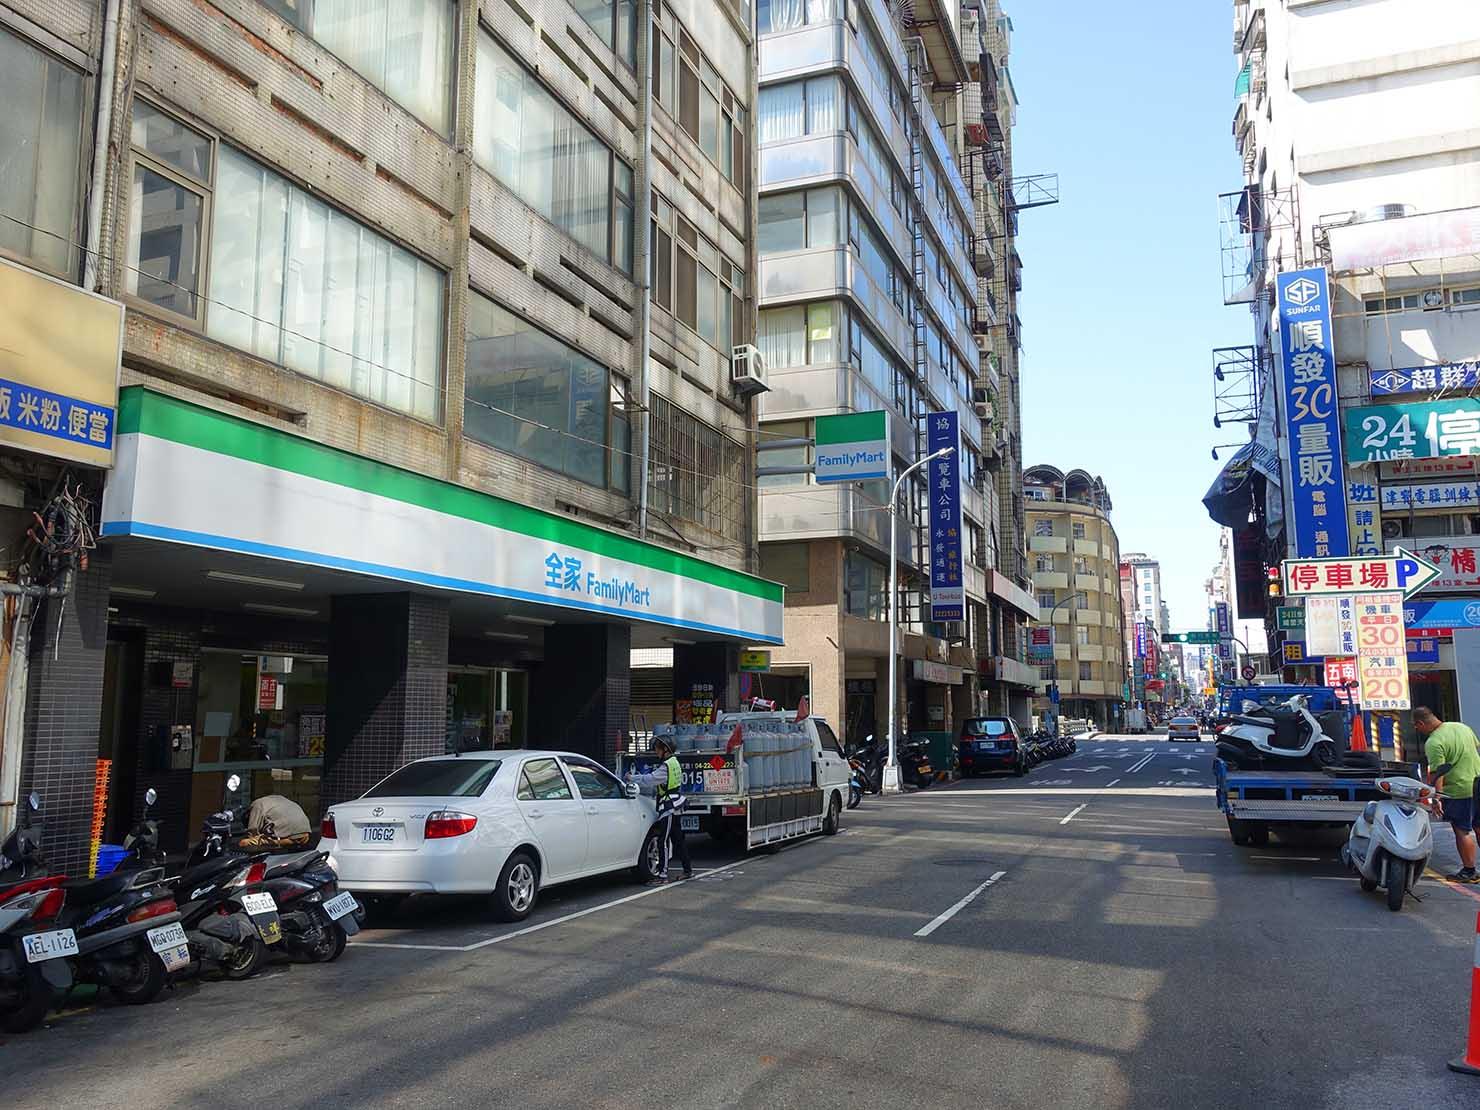 台中・民族路のファミリーマート